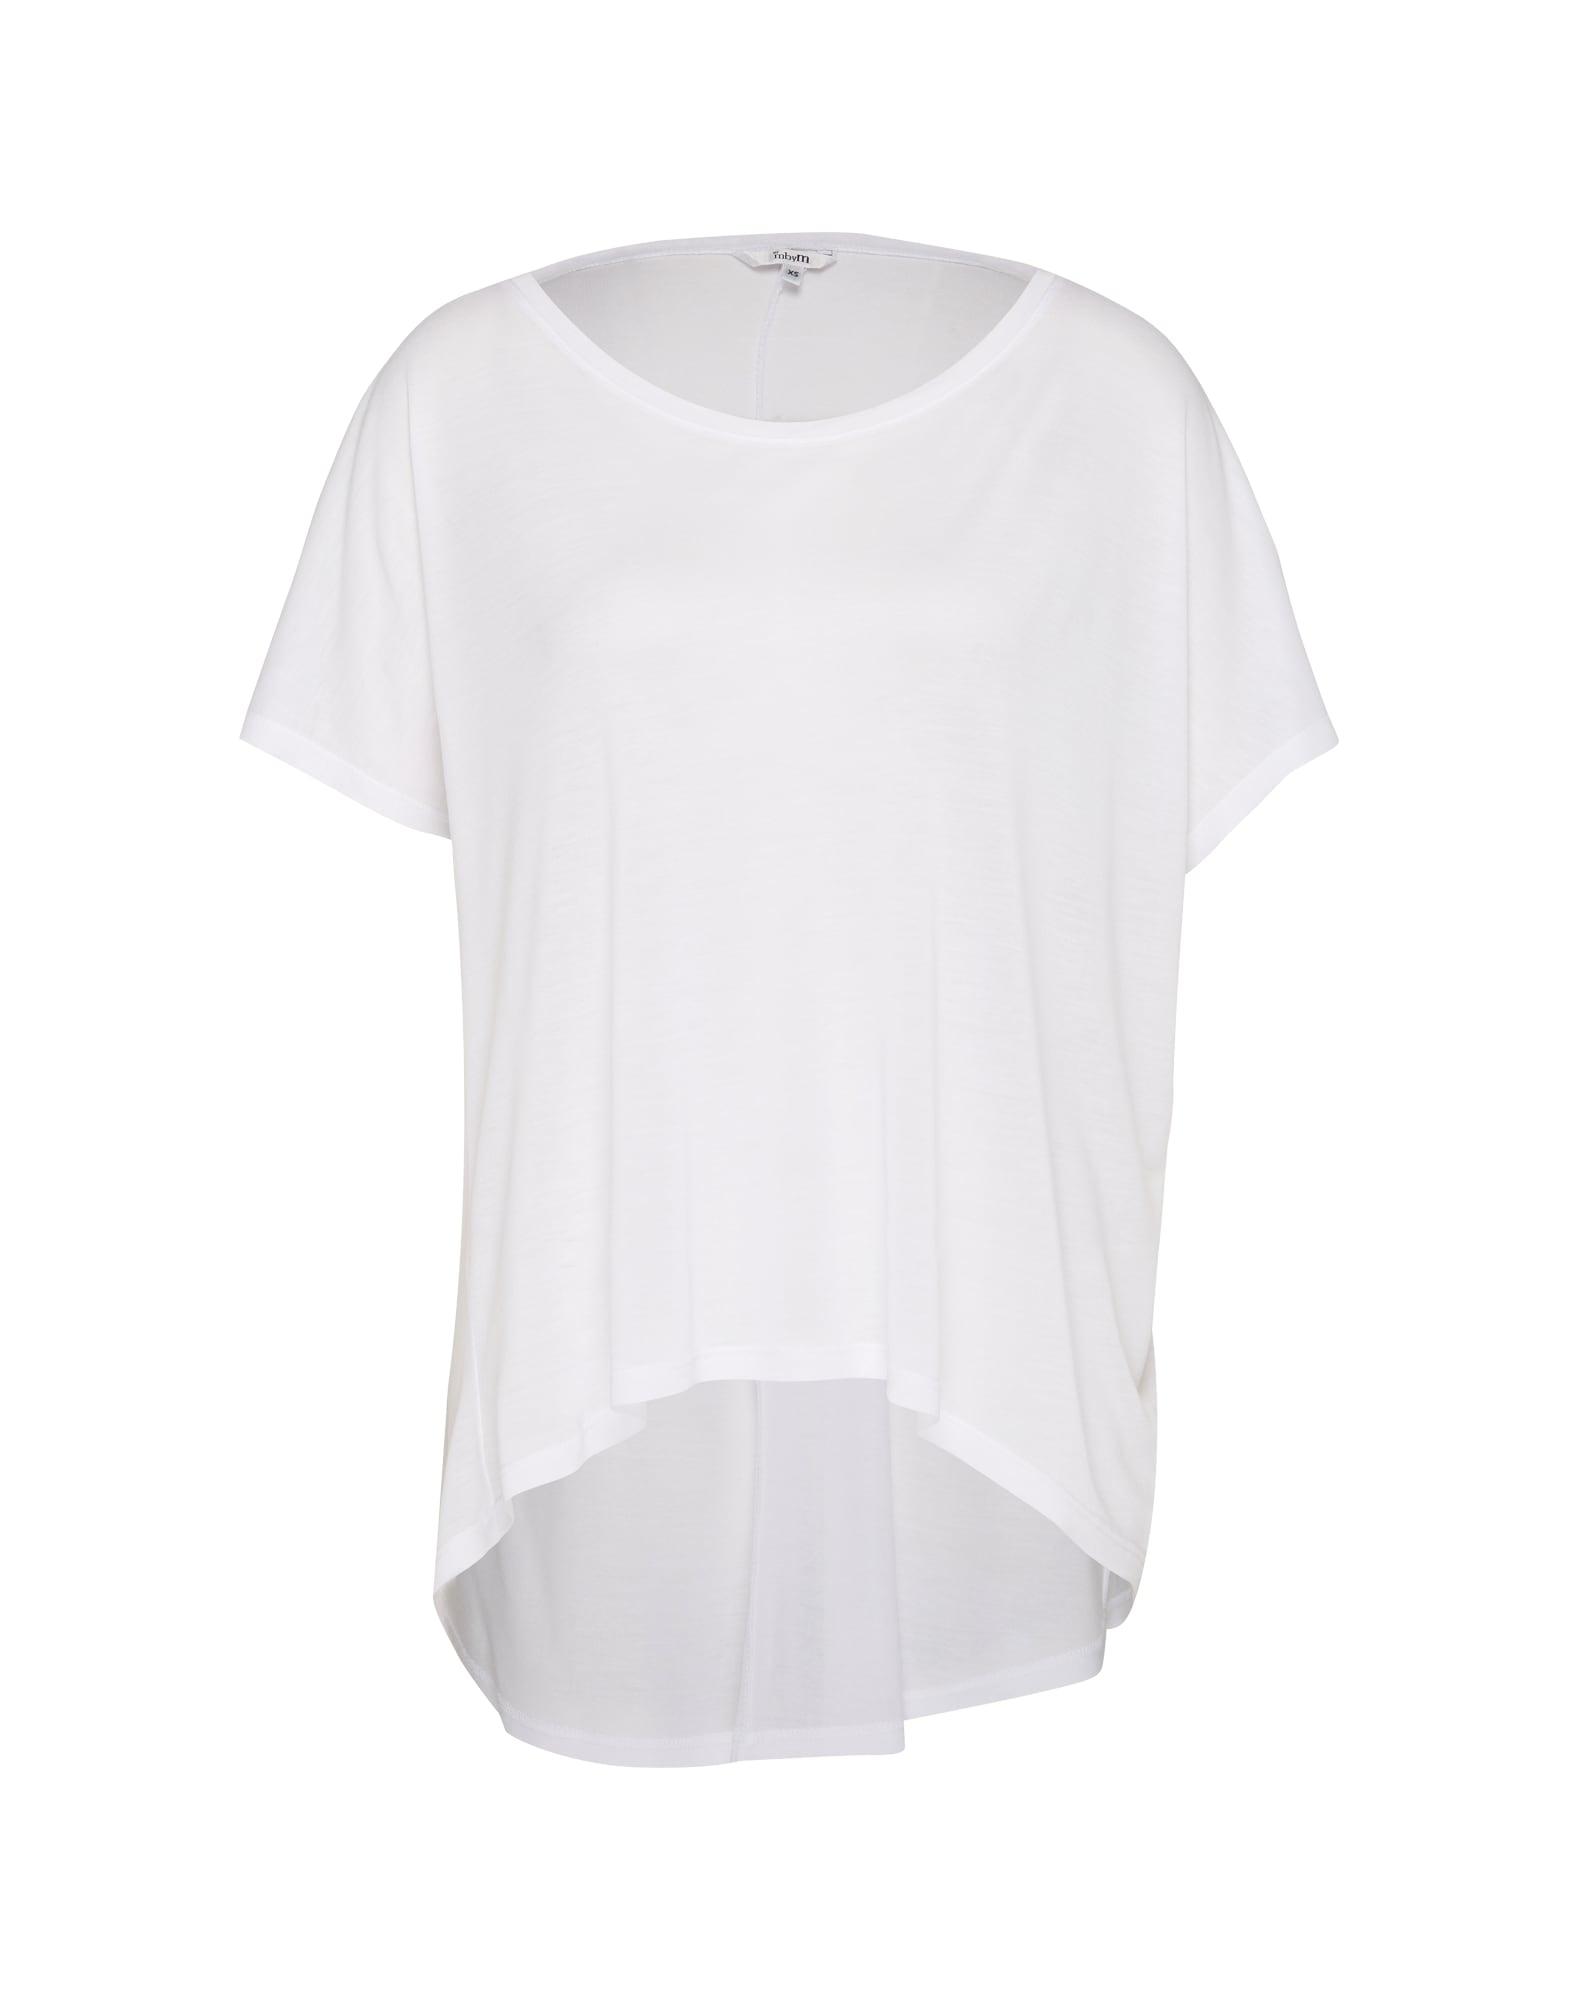 mbym Laisvi marškinėliai 'Proud' balta